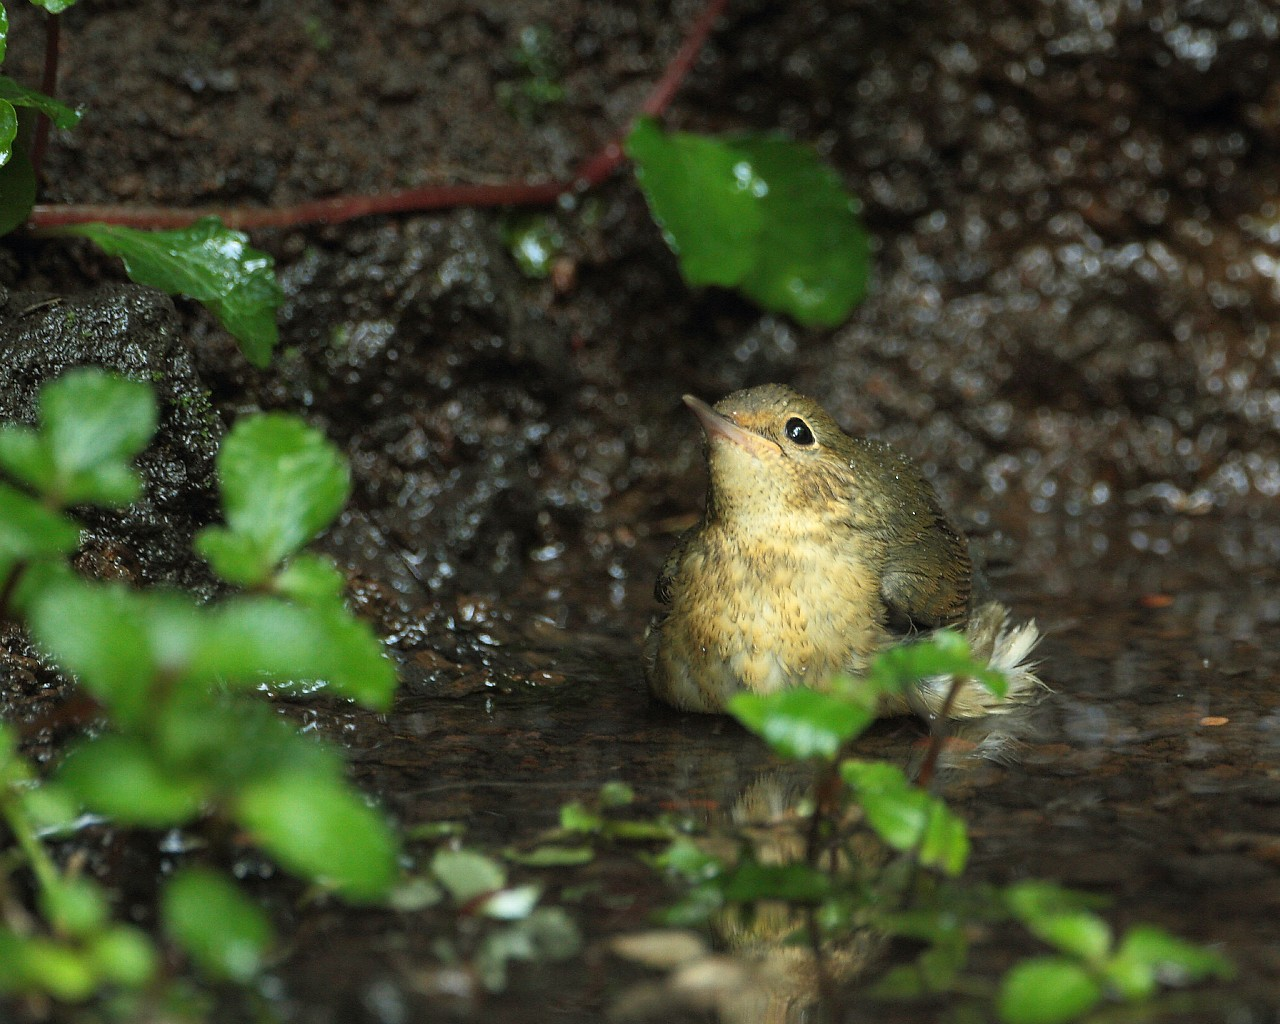 涼しげな小鳥の水浴び(可愛い野鳥のフリー壁紙)_f0105570_2133949.jpg